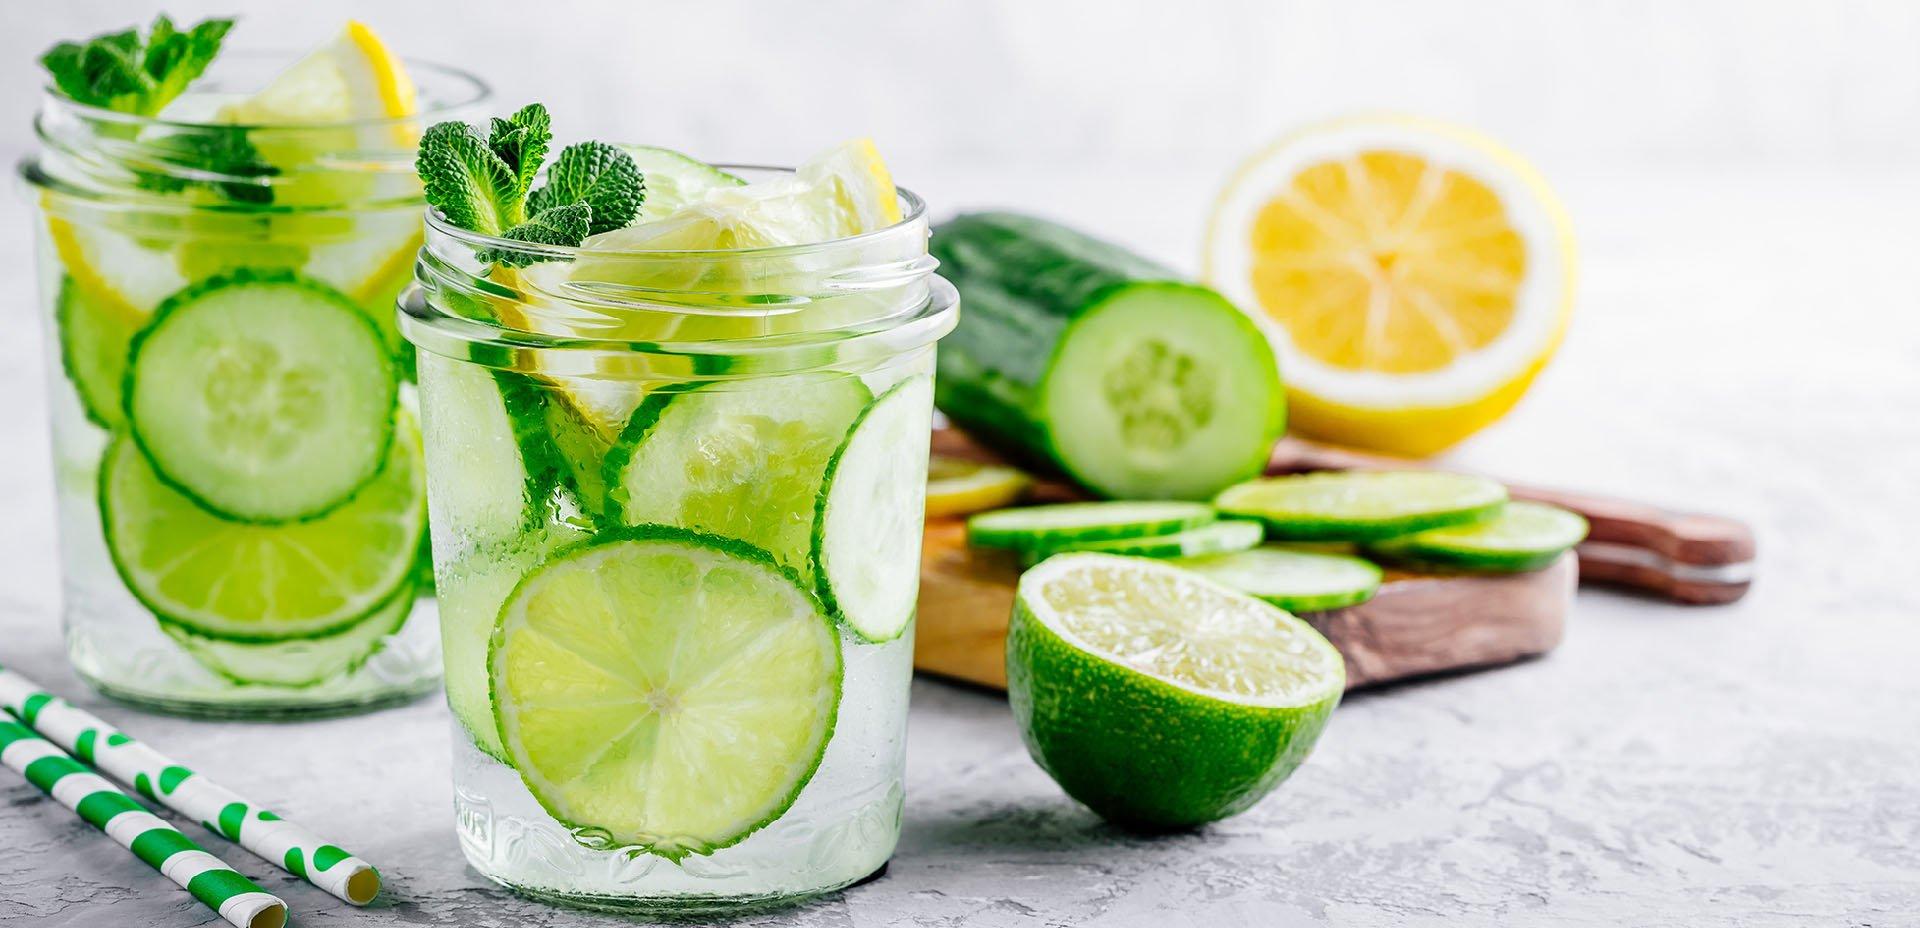 acqua al cetriolo e al limone